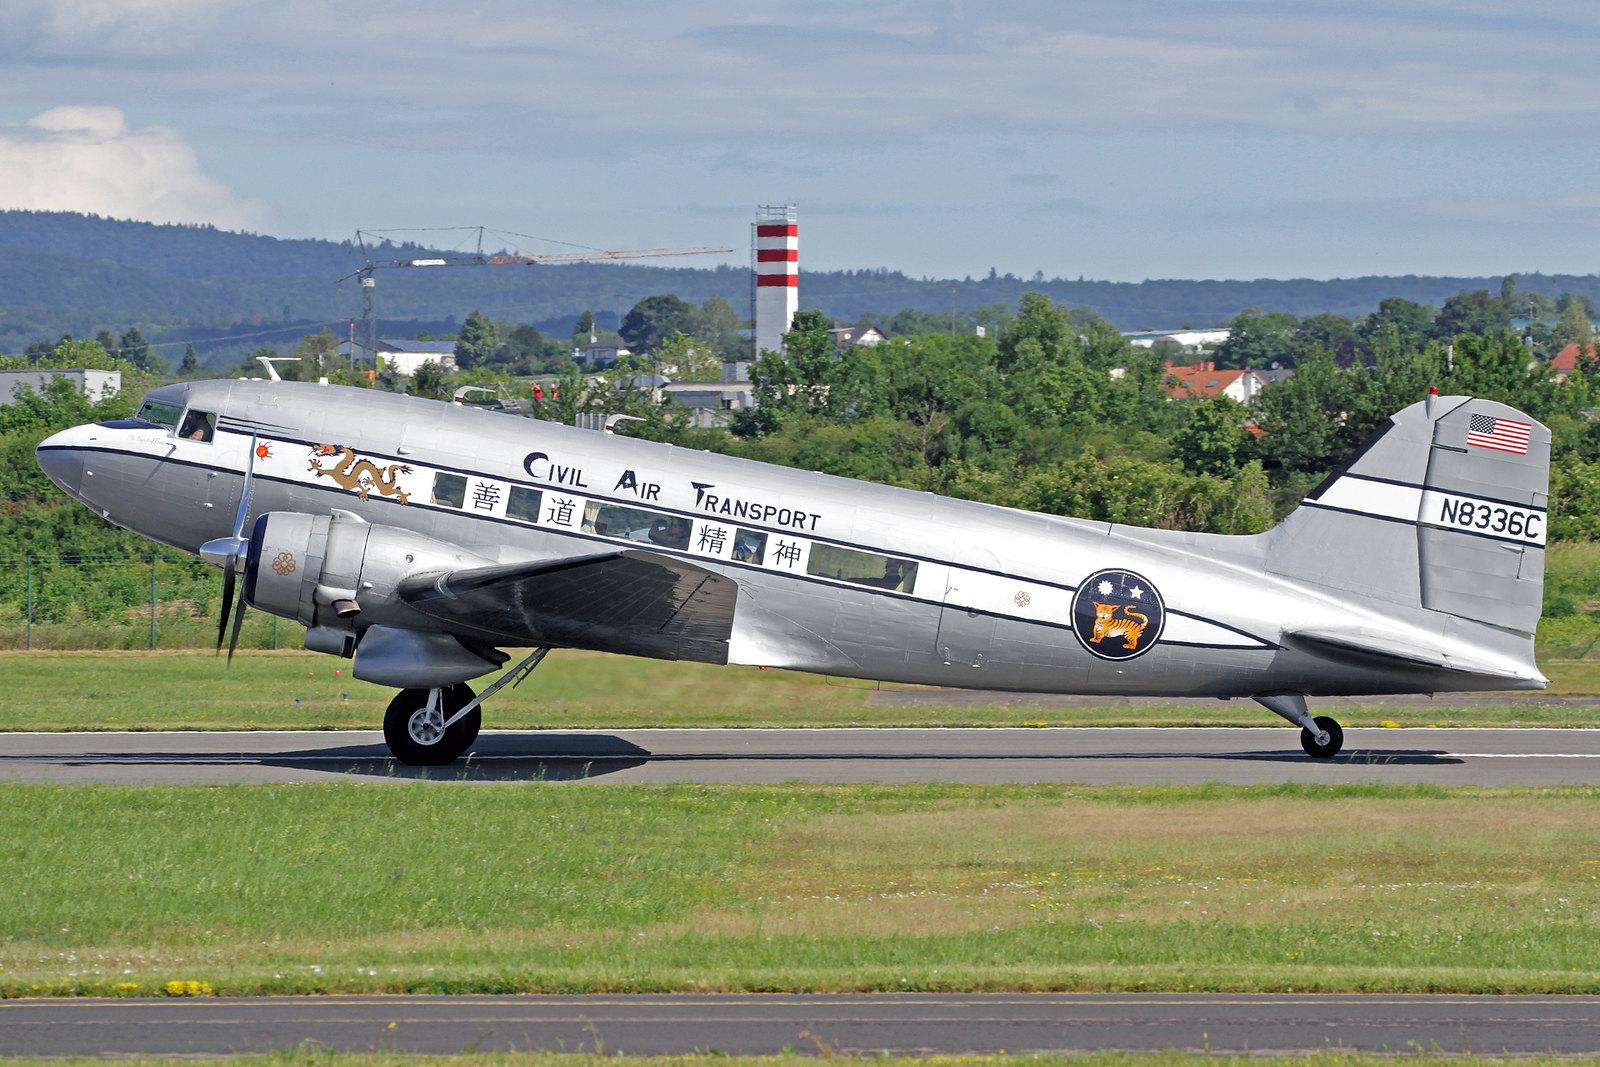 N8336C - Diese Douglas DC-3A wurde als C-53-DO von Douglas in Santa Monica gebaut und am 29. Juni 1942 als 42-47371 an die USAAF geliefert. Neben anderen Betreibern wurde sie vom 19. December 1949 bis 22. Juli 1953 von CAT in Taipeh als N8336C genutzt.